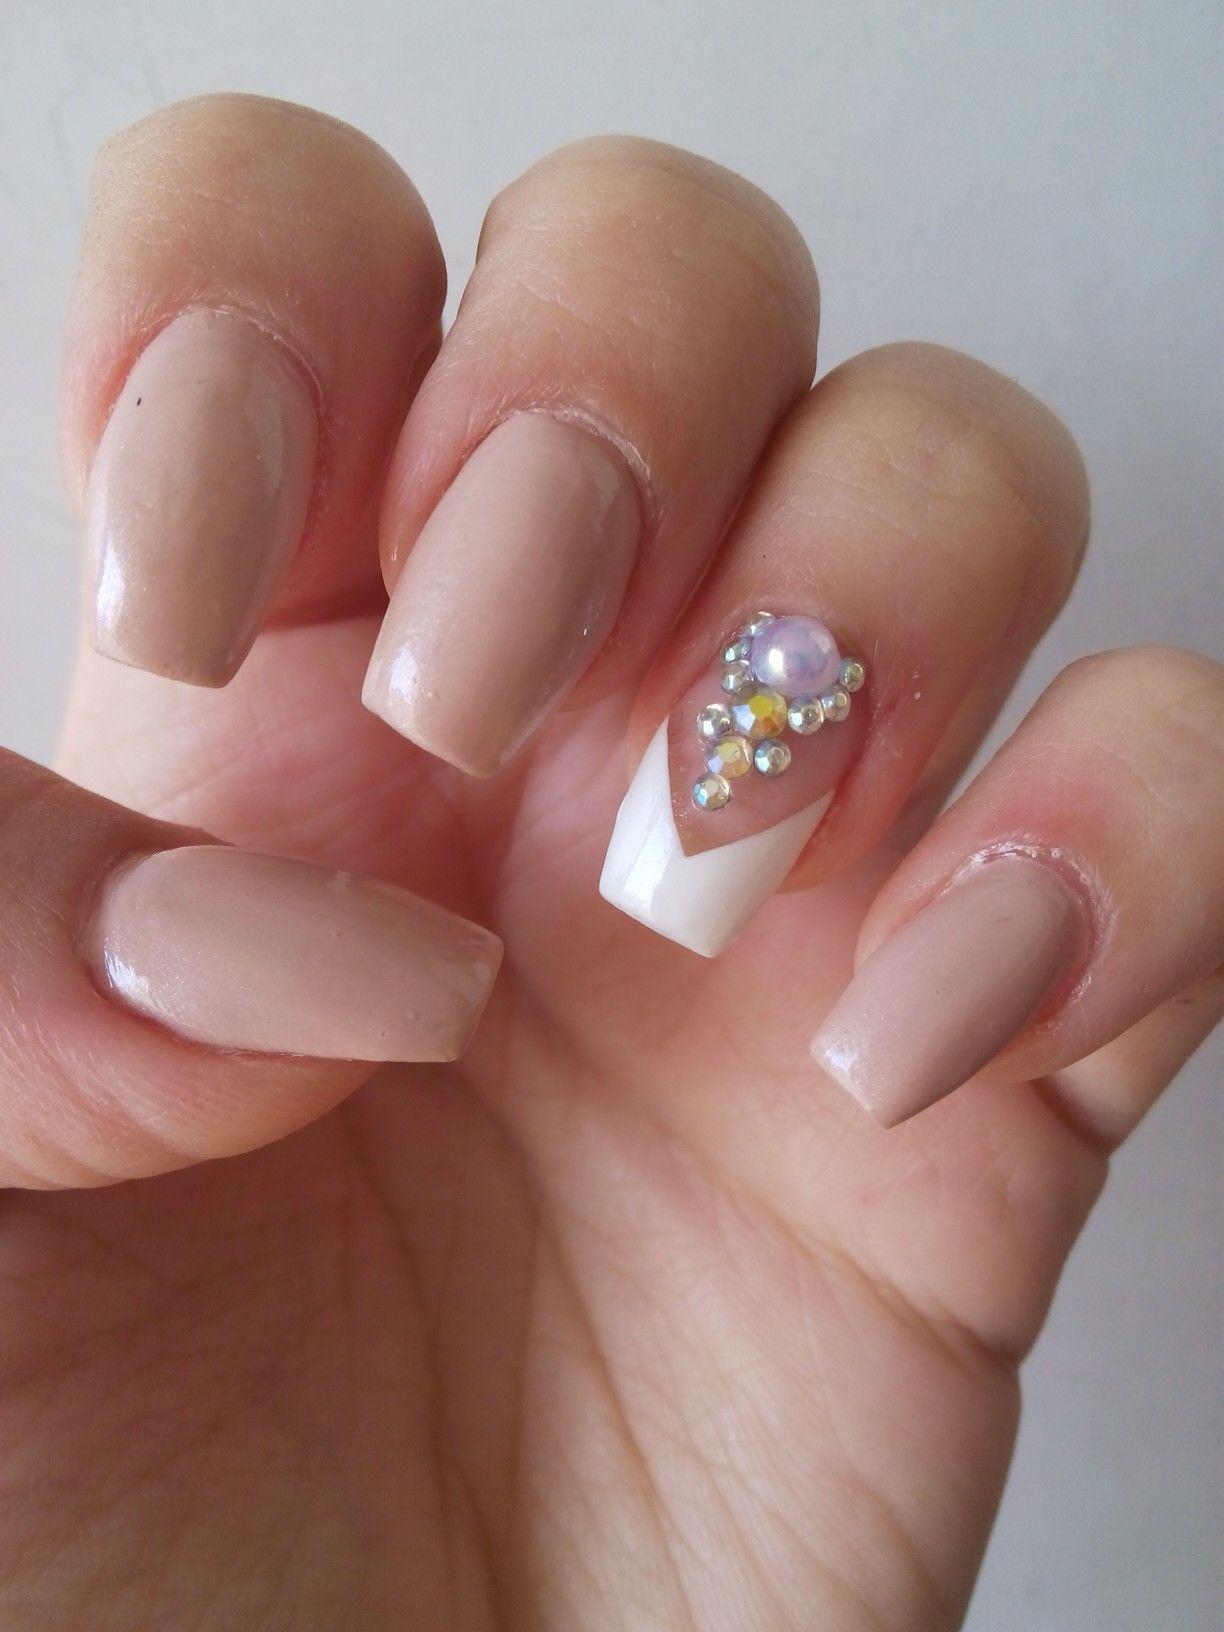 Uñas Color Beige Delicadas Cute Nails Uñas Beige Uñas